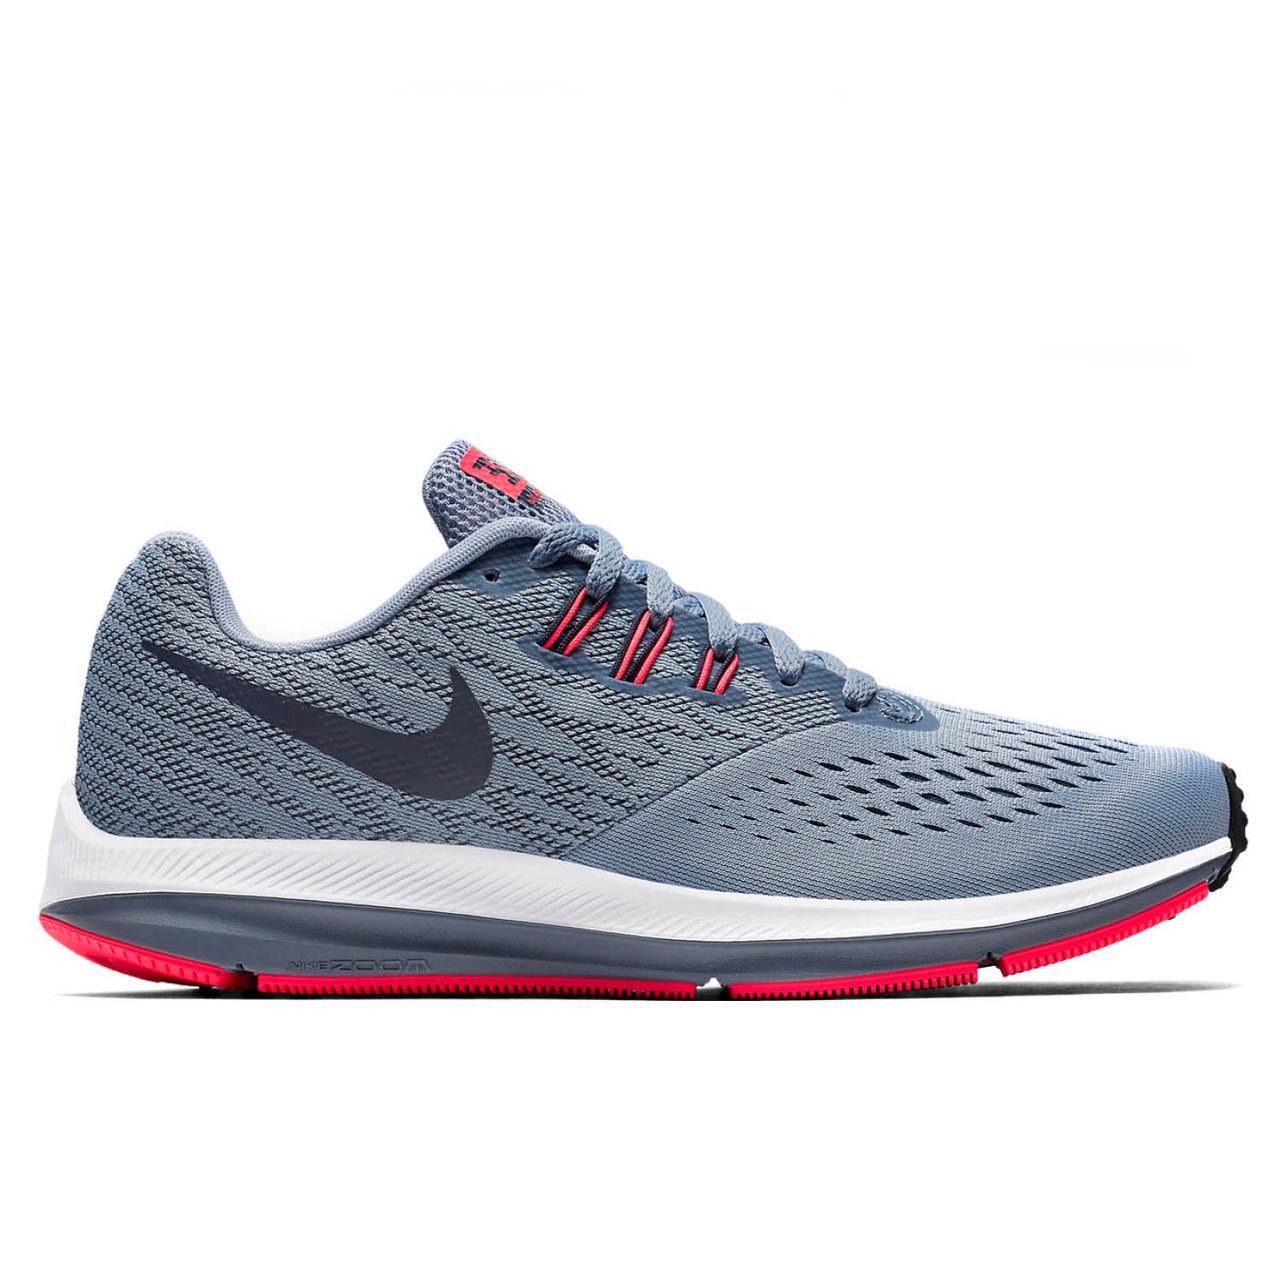 8e994d48 Оригинальные Кроссовки Nike Zoom Winflo 4 — в Категории